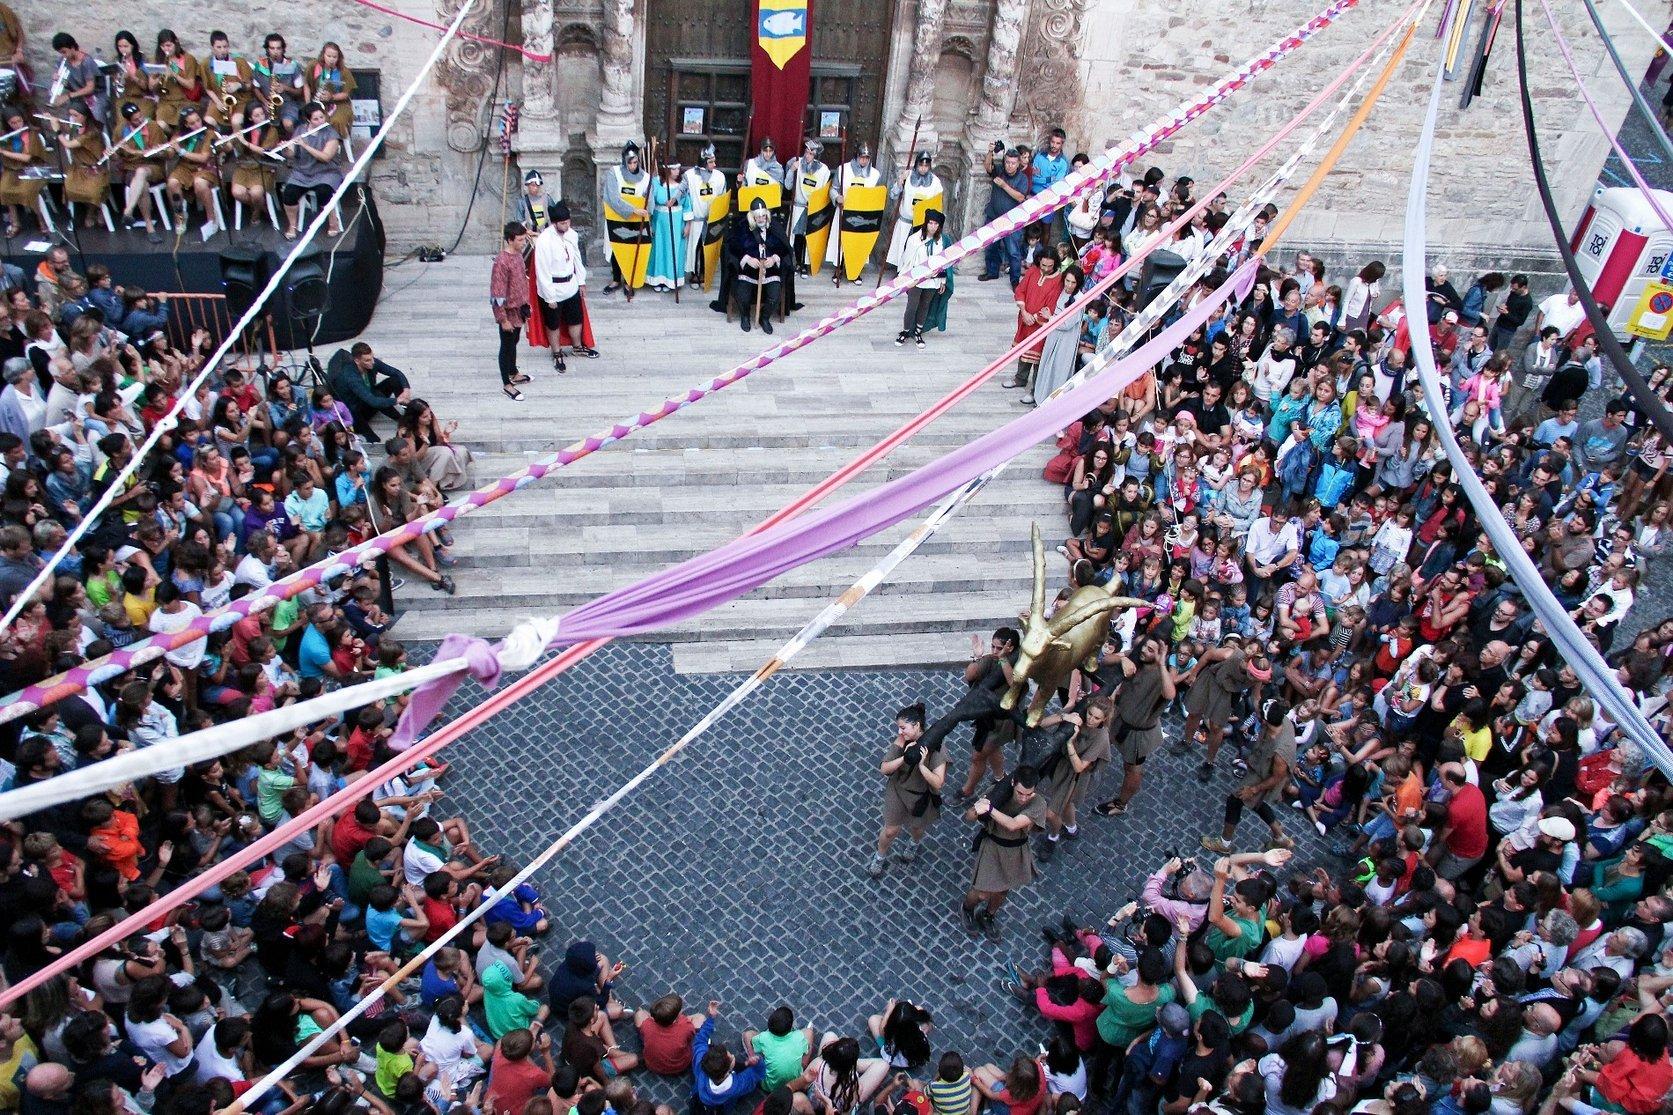 Una escena de la representació de la llegenda a la Plaça Major